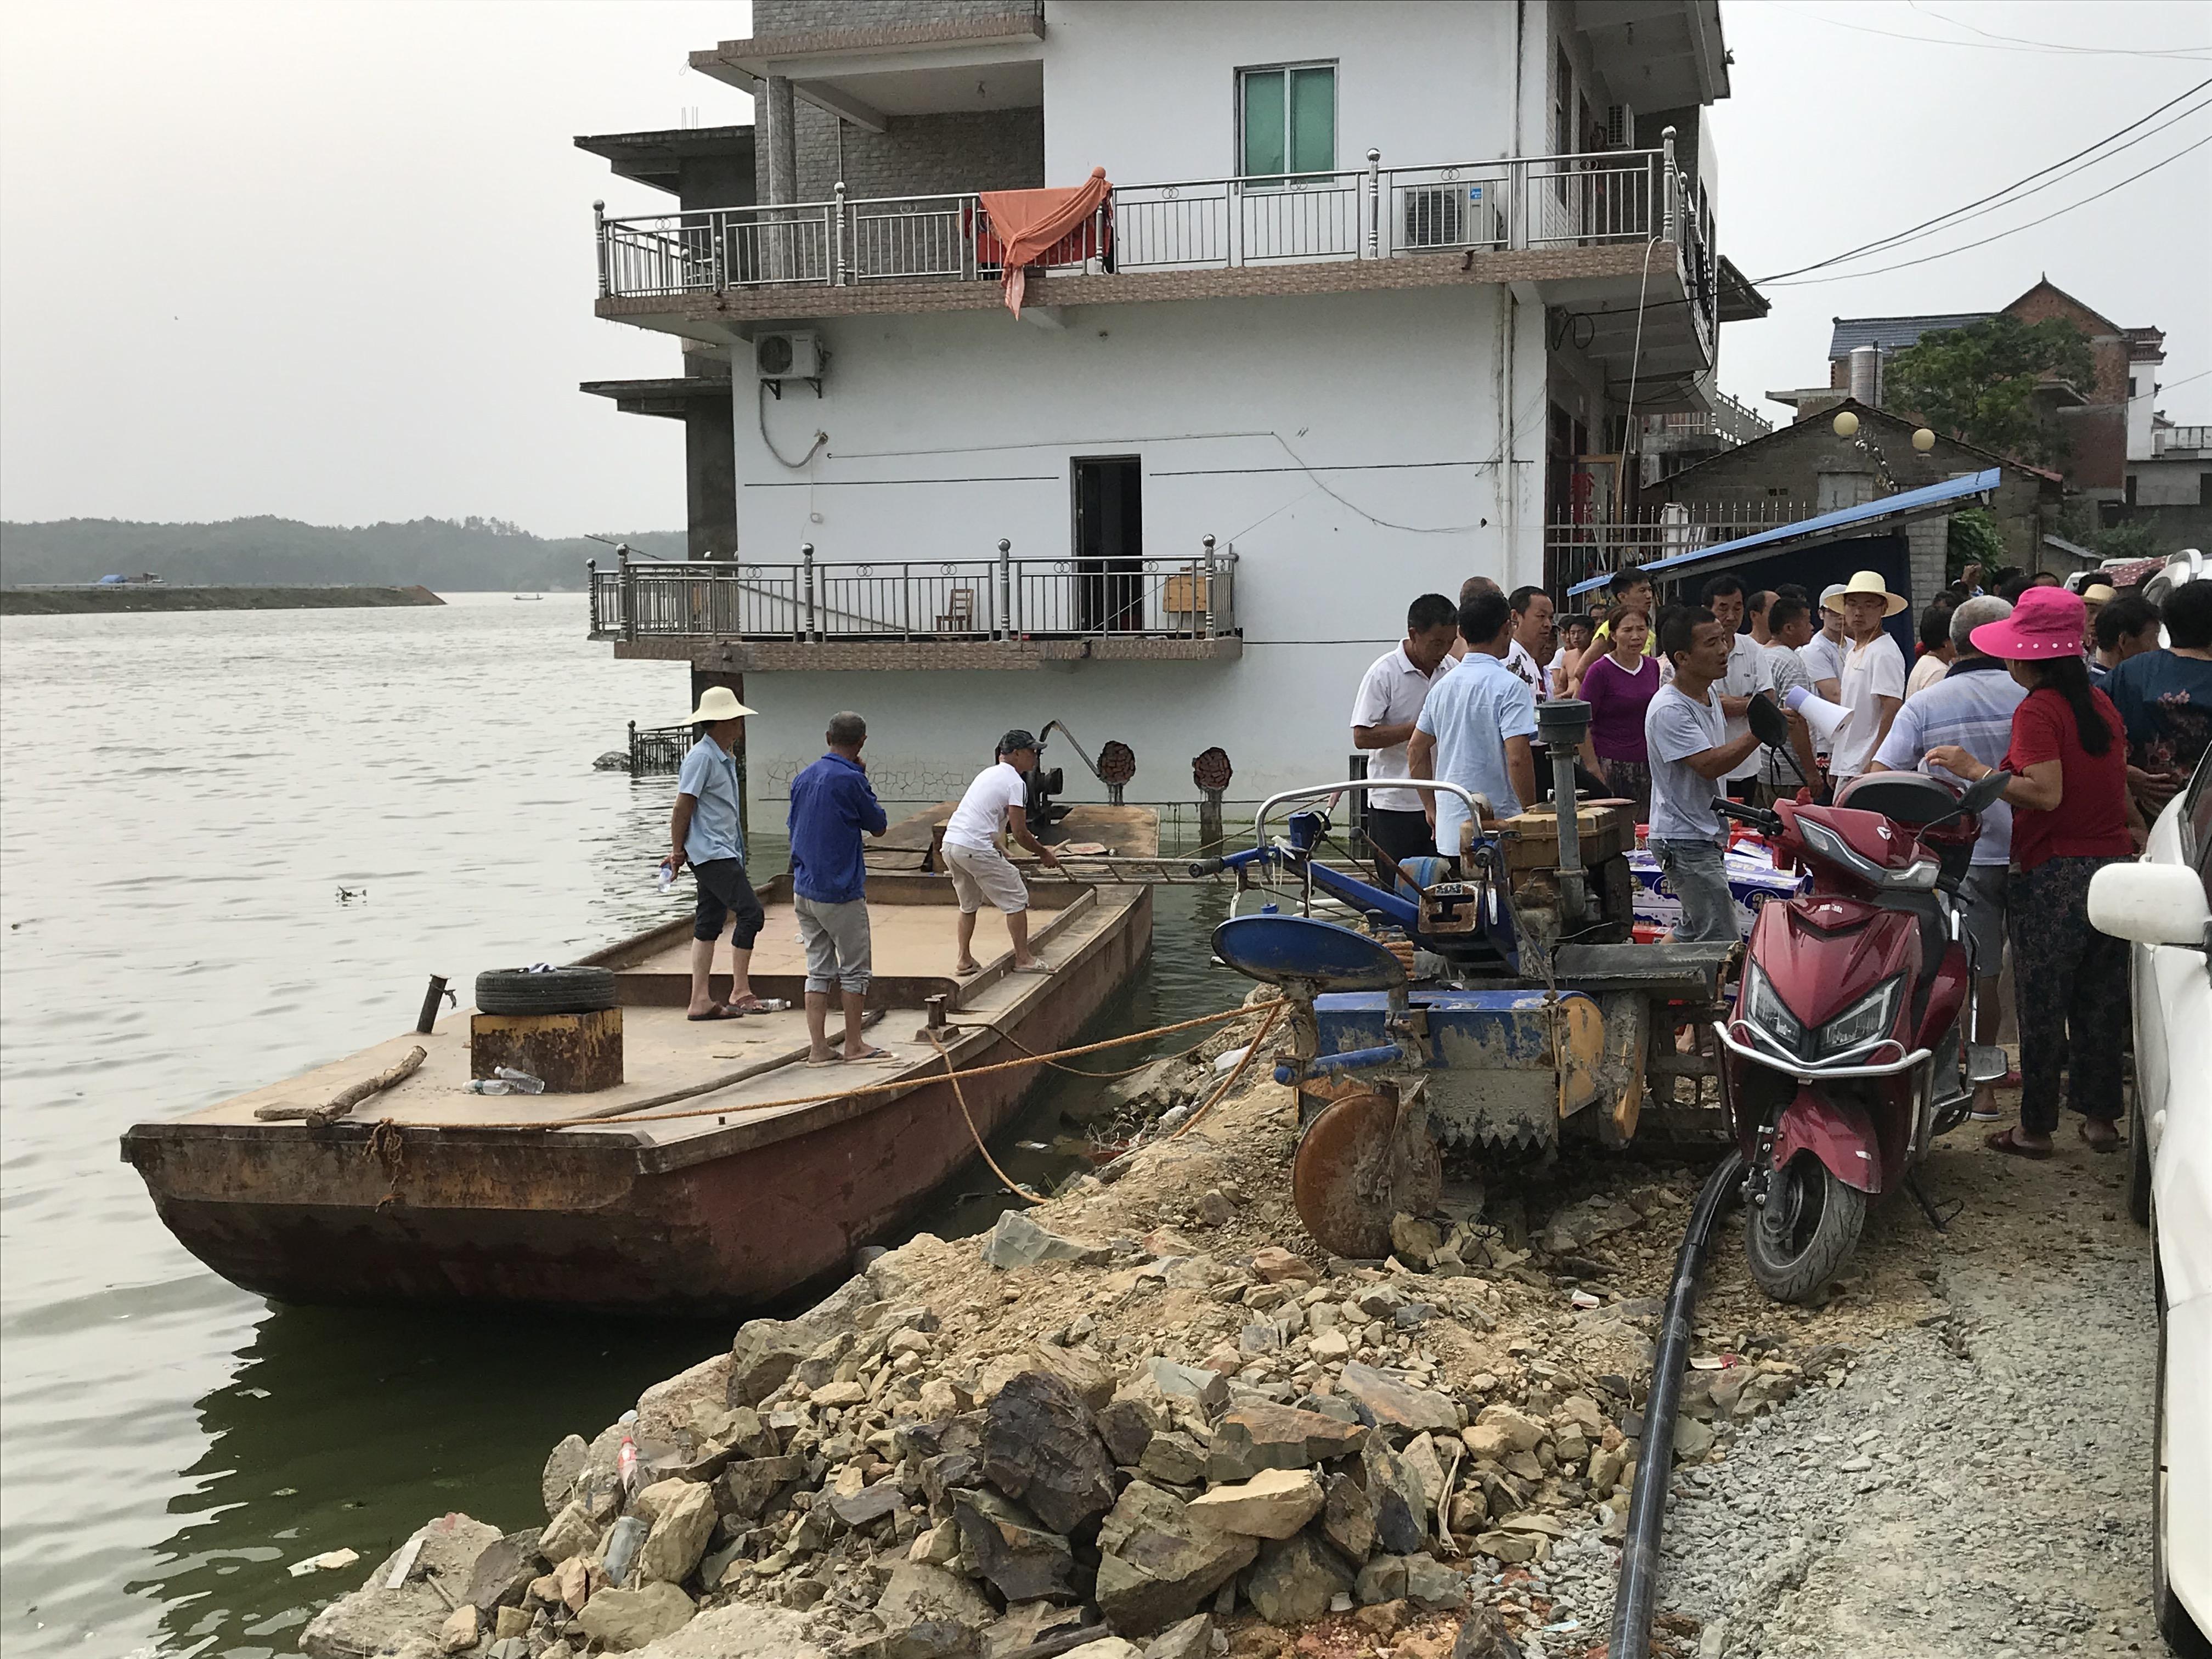 由于决堤导致道路中断,捐助给村民的物资只能通过船运。